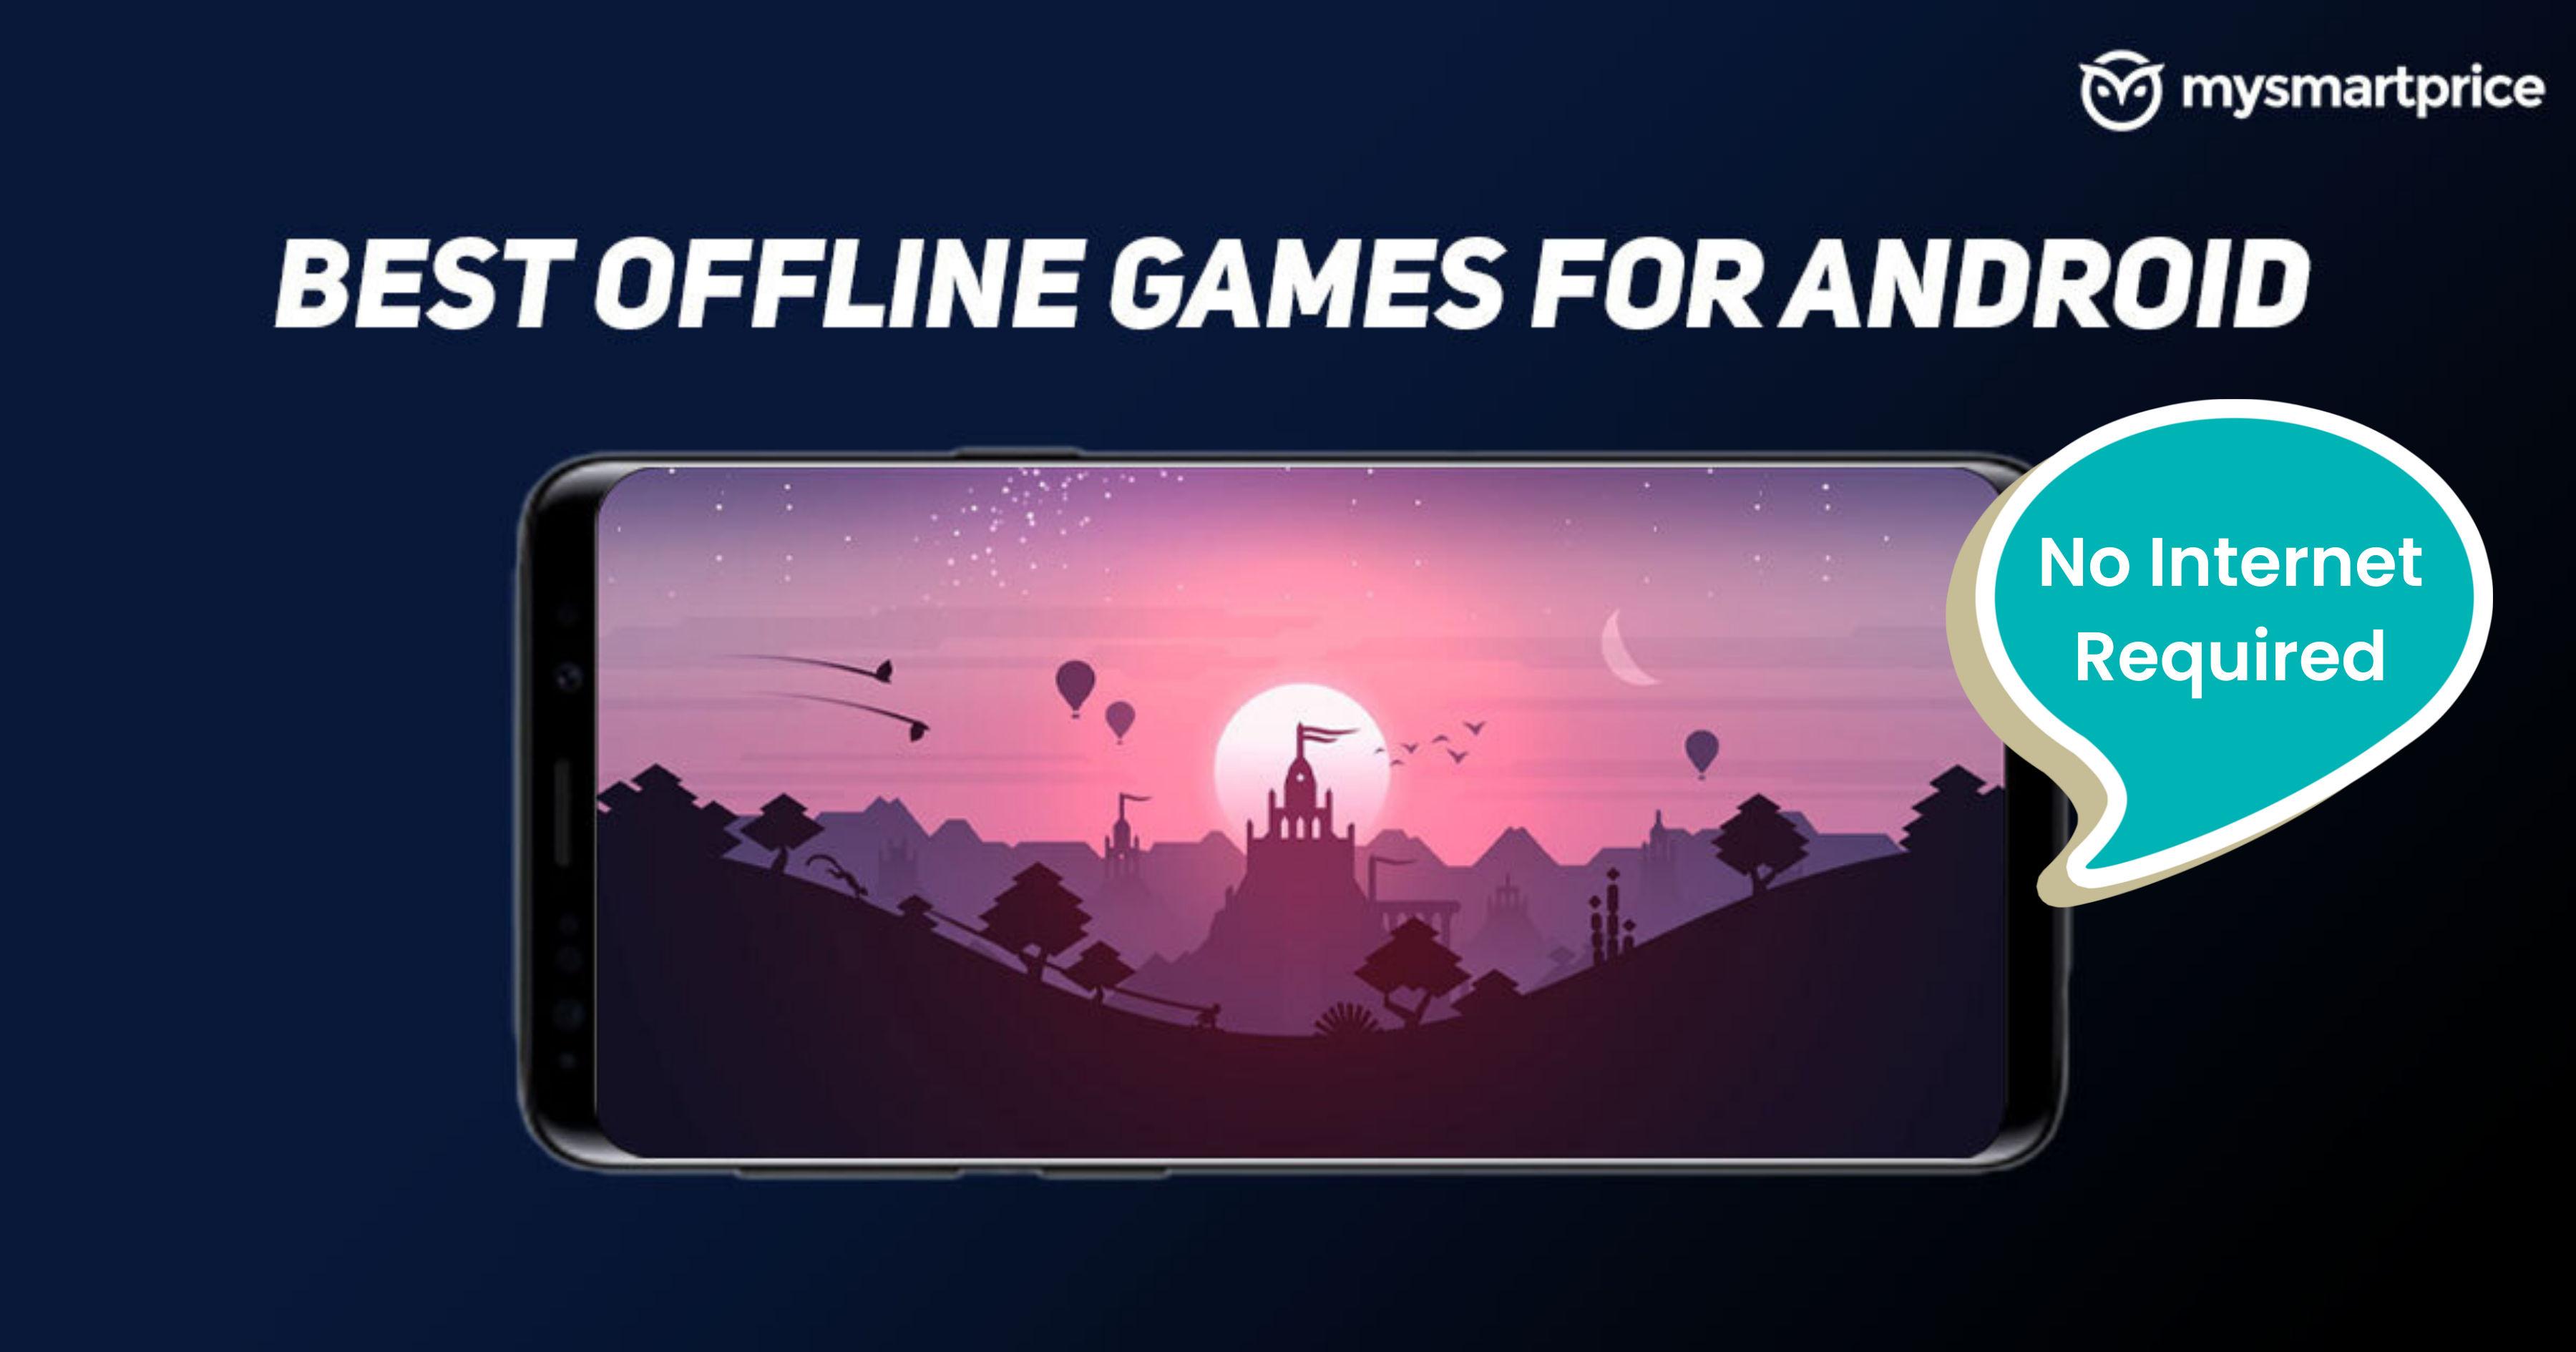 BEST OFFLINE GAMES FOR ANDRIOD